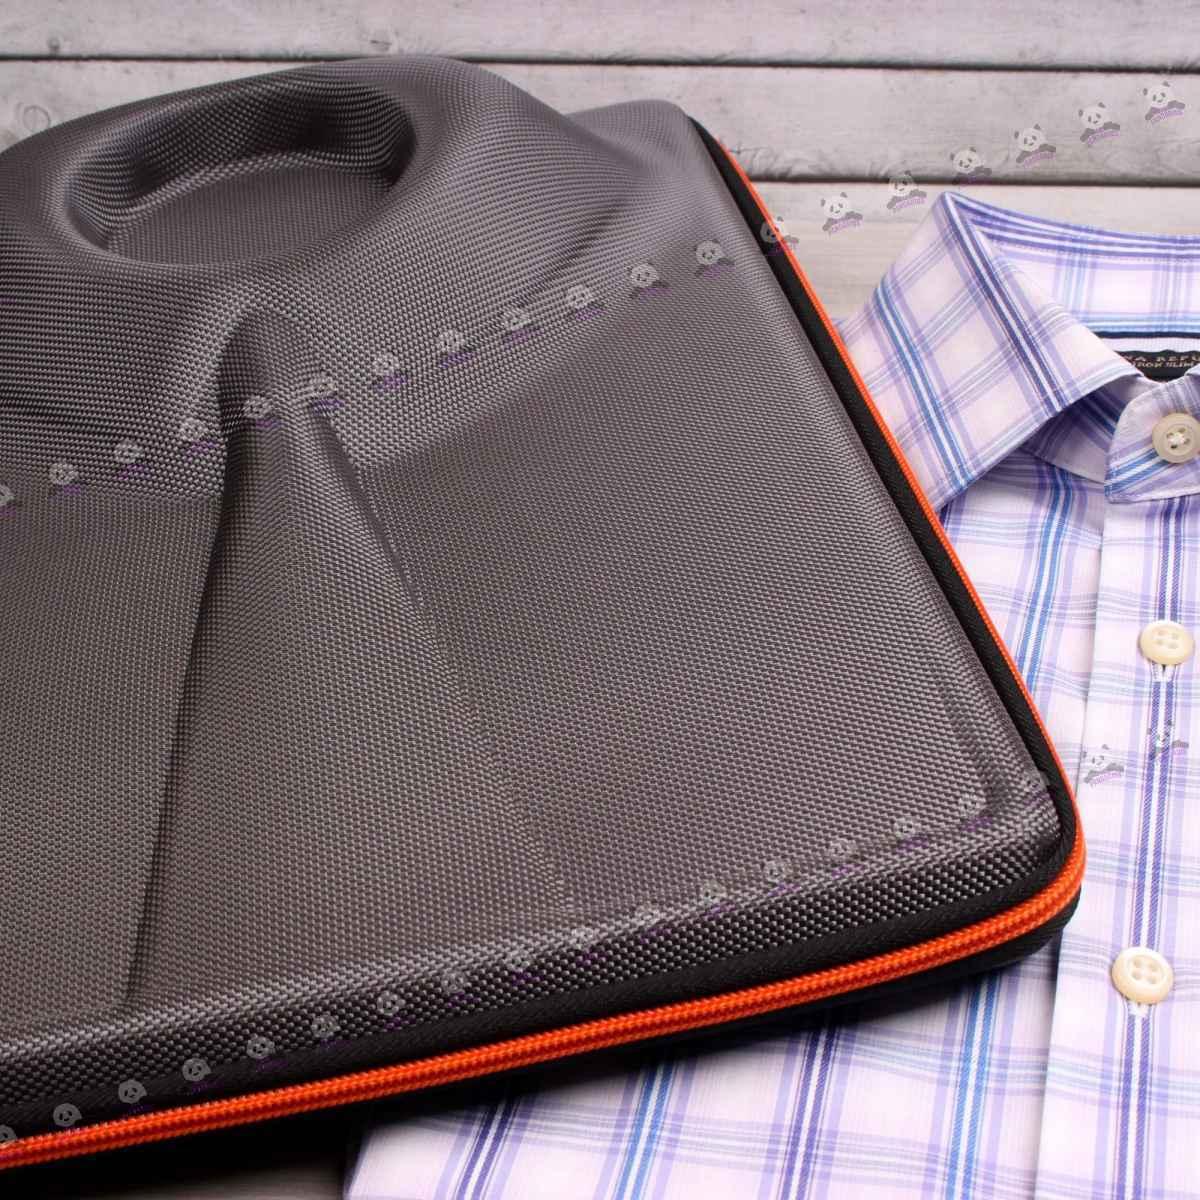 Брендированный чехол для рубашки